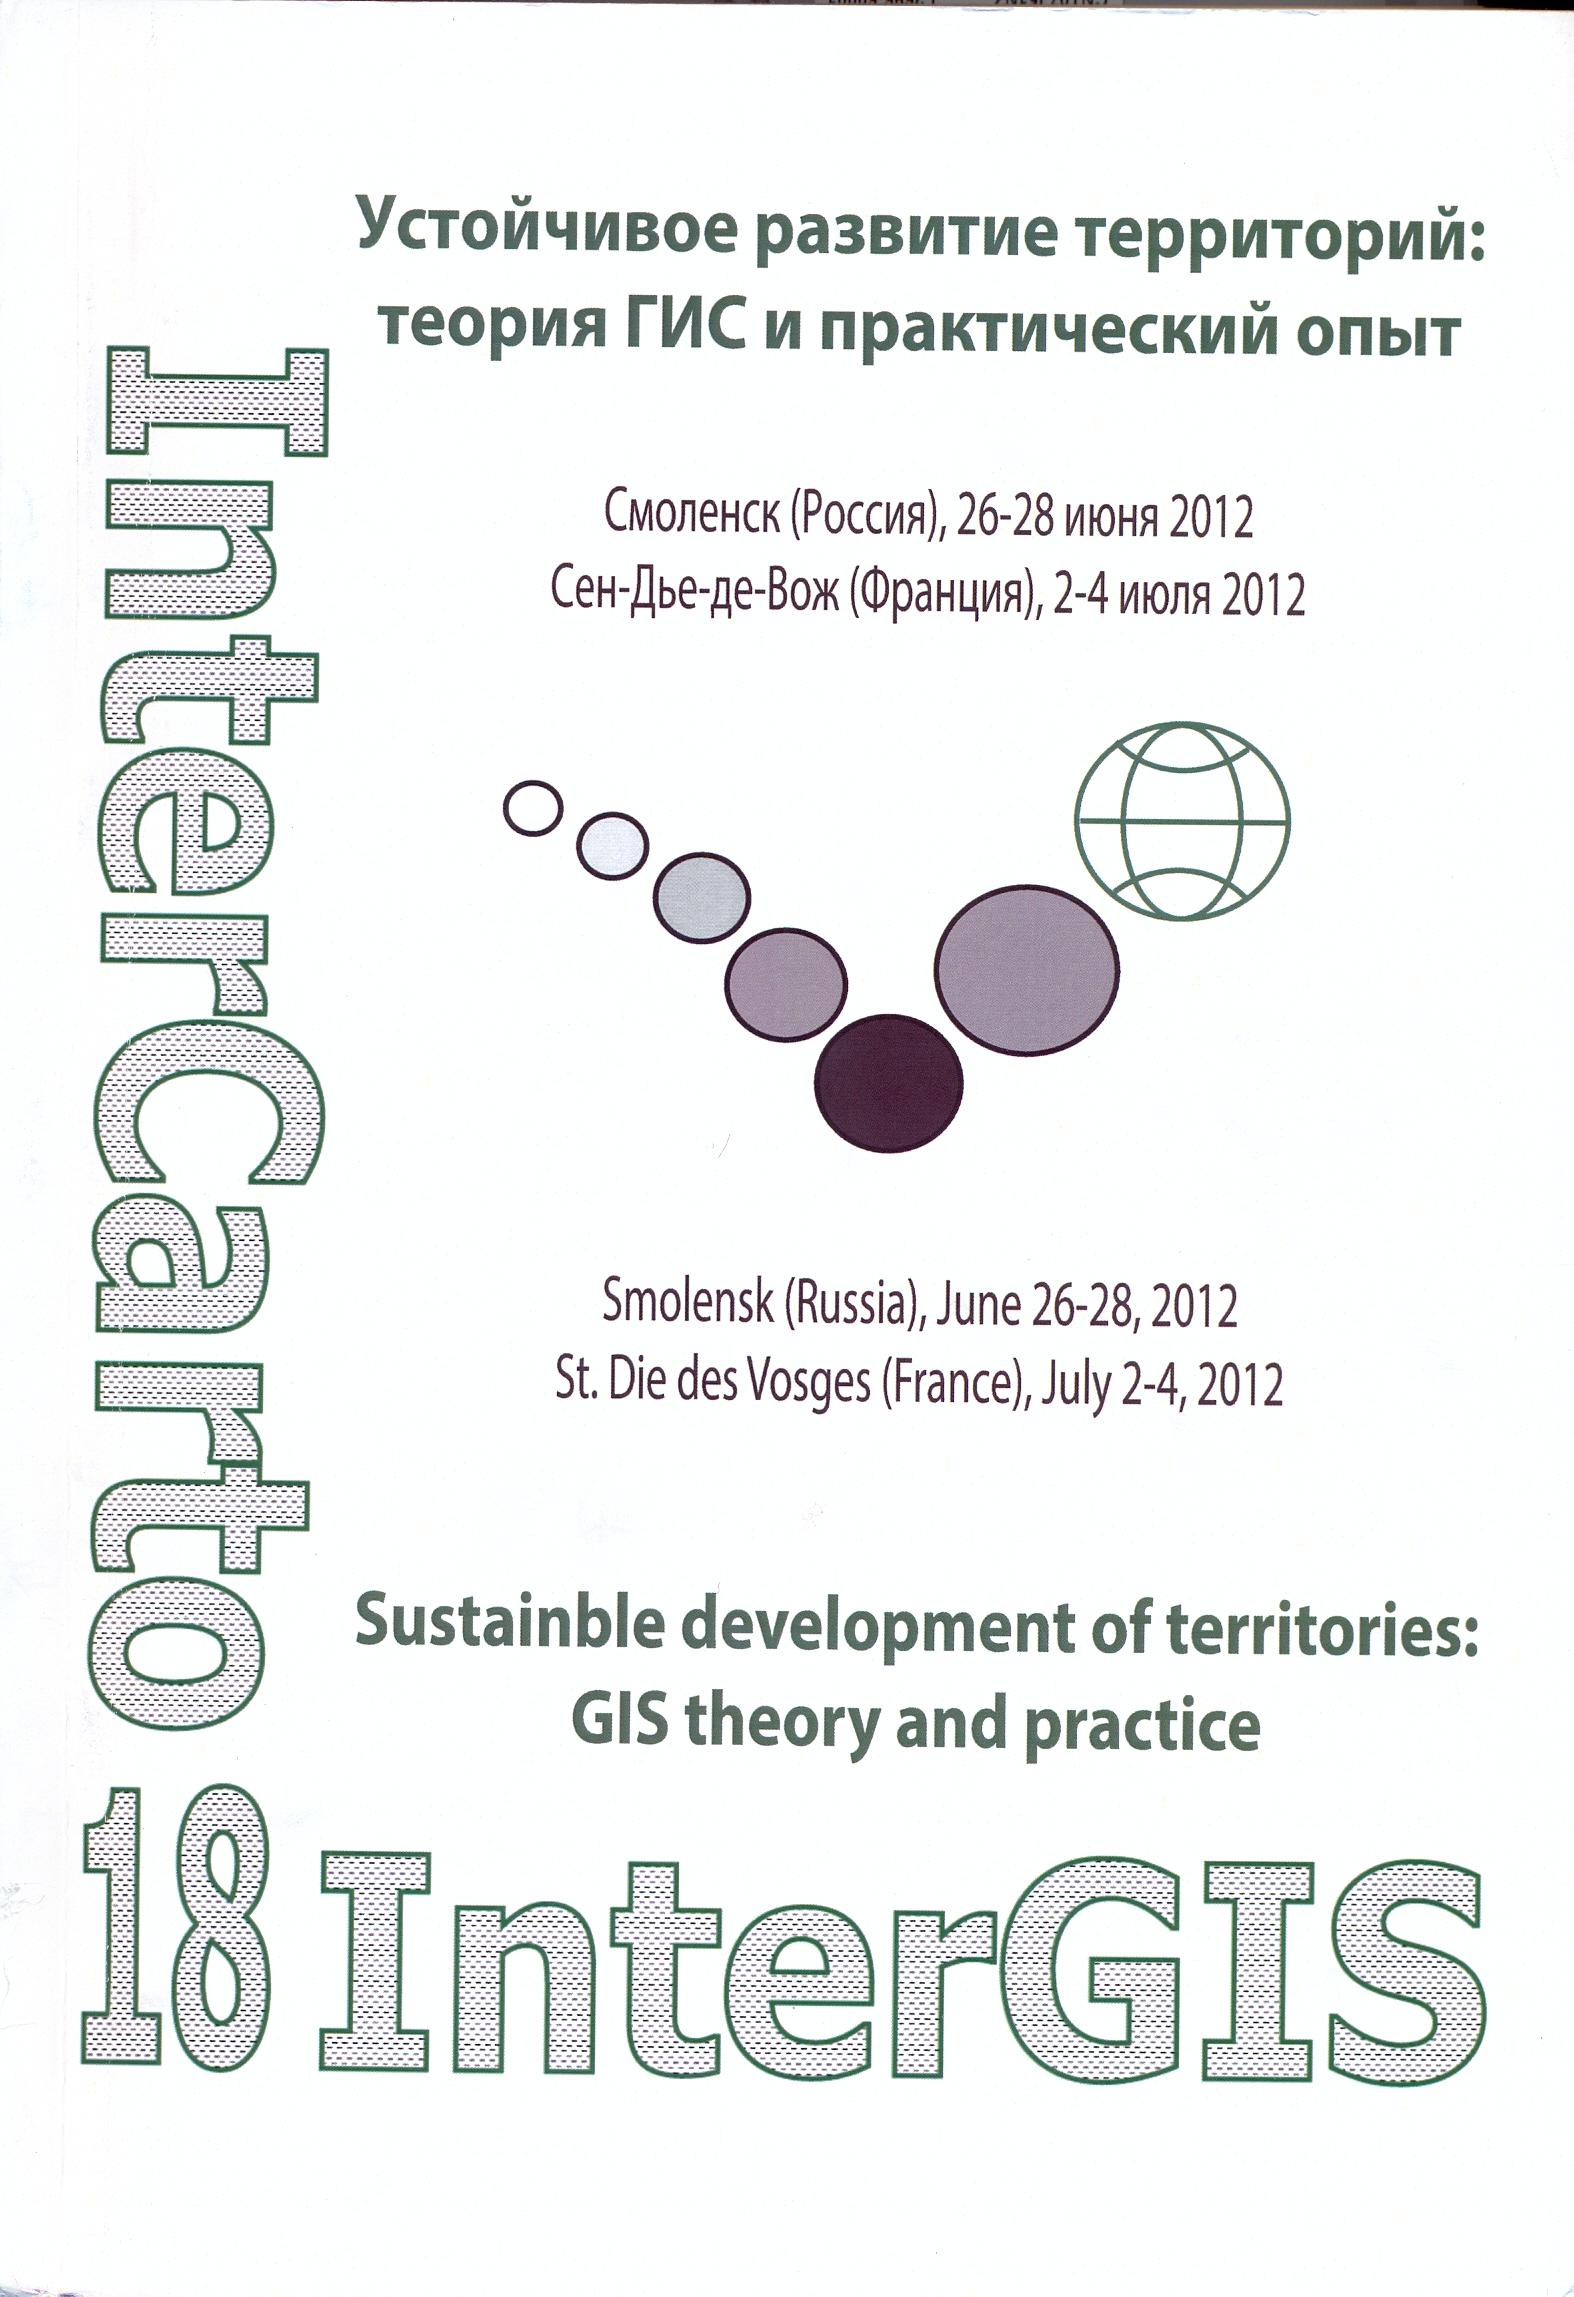 ИнтерКарто /ИнтерГИС-18: Устойчивое развитие территорий: теория ГИС и практический опыт. Материалы Международной конференции. Смоленск, 26-28 июня, 2012 г.